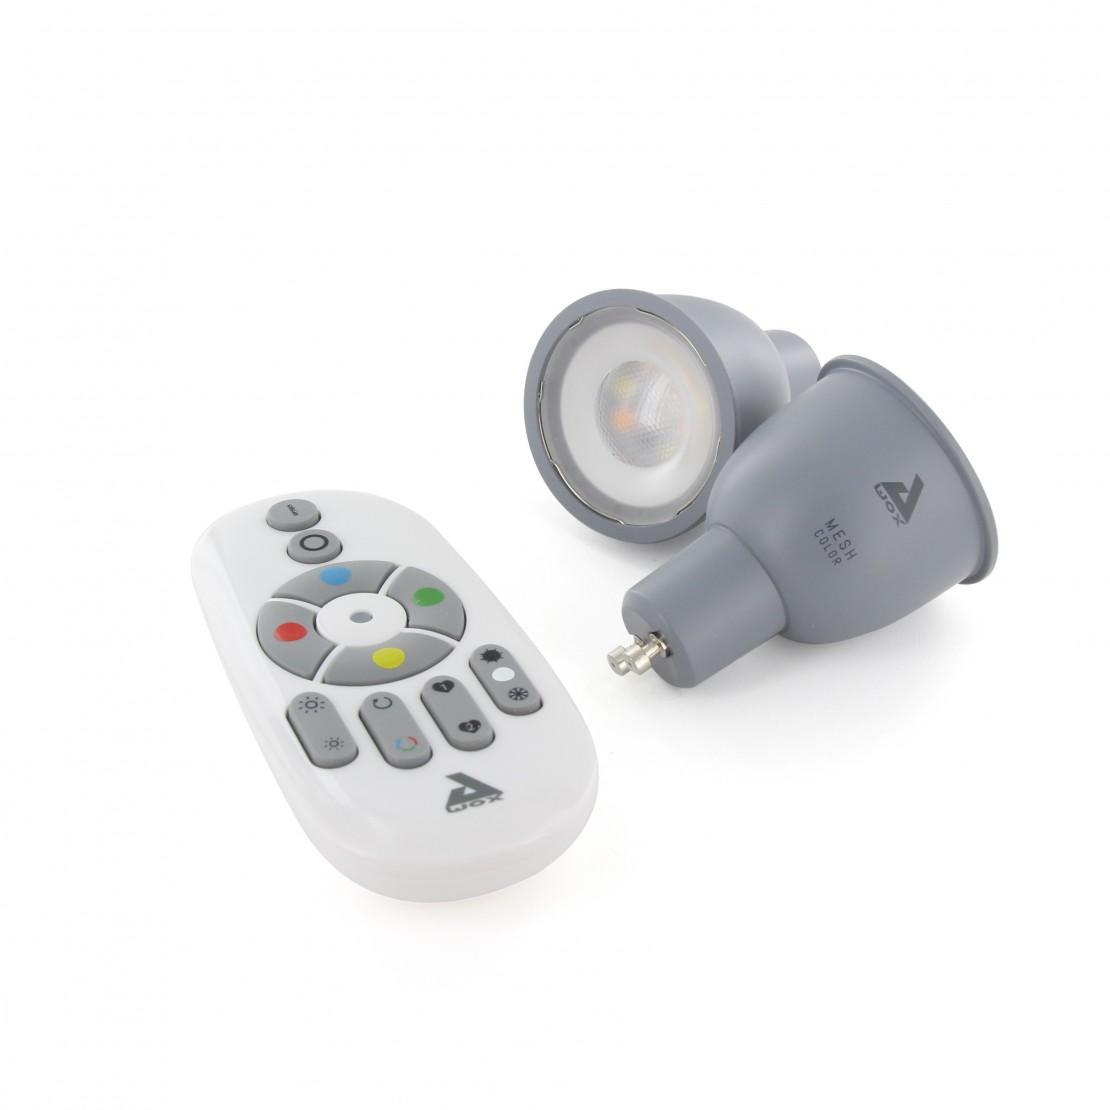 Kit de bombilla GU10 color Bluetooth Mesh y mando a distancia